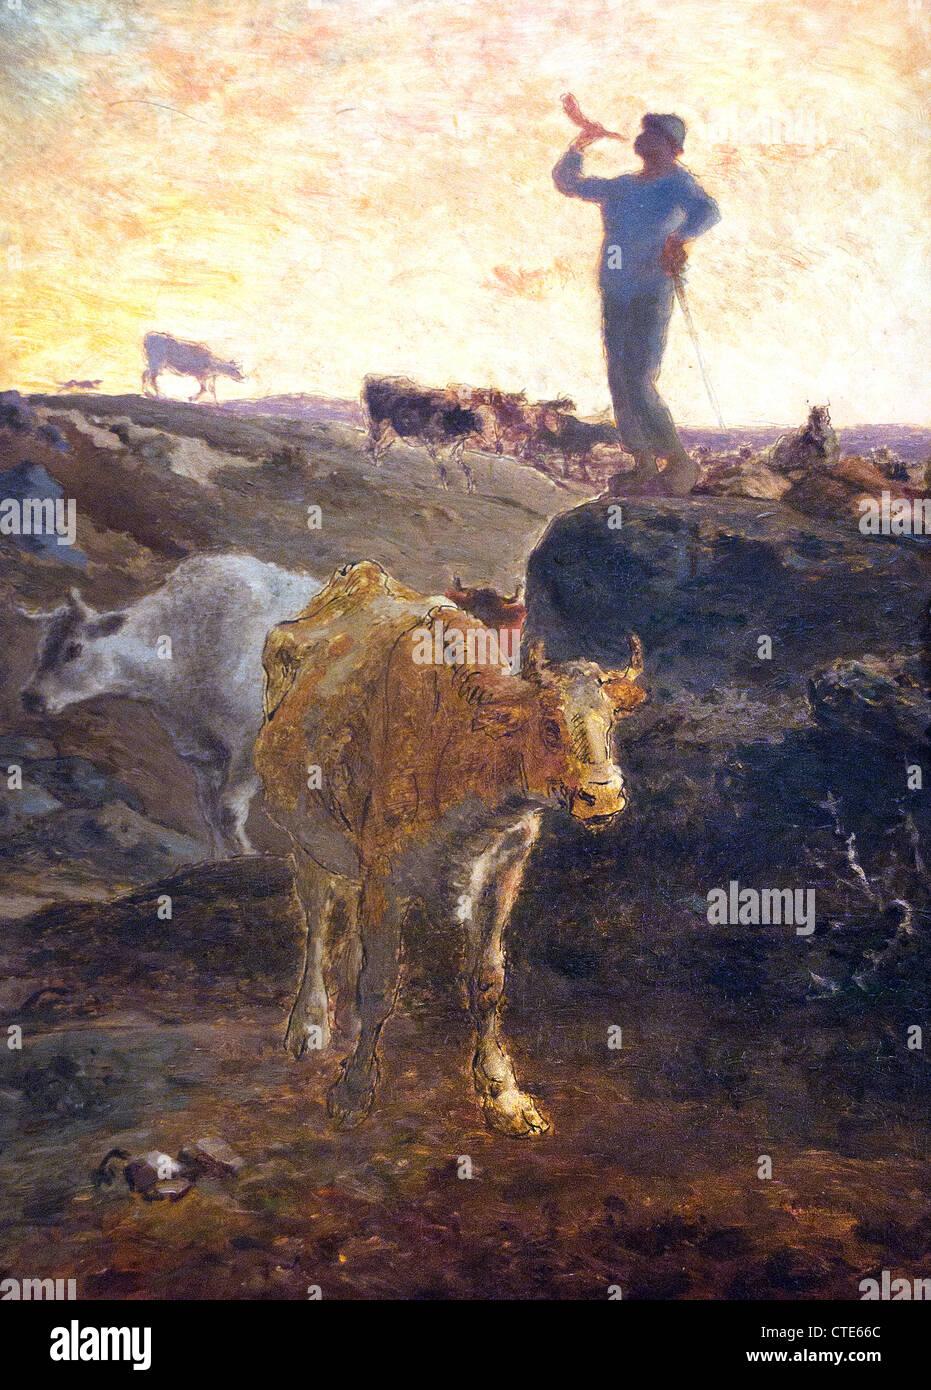 Appelant les vaches Accueil 1872 par Jean-François Millet 1814-1875 France Français Photo Stock